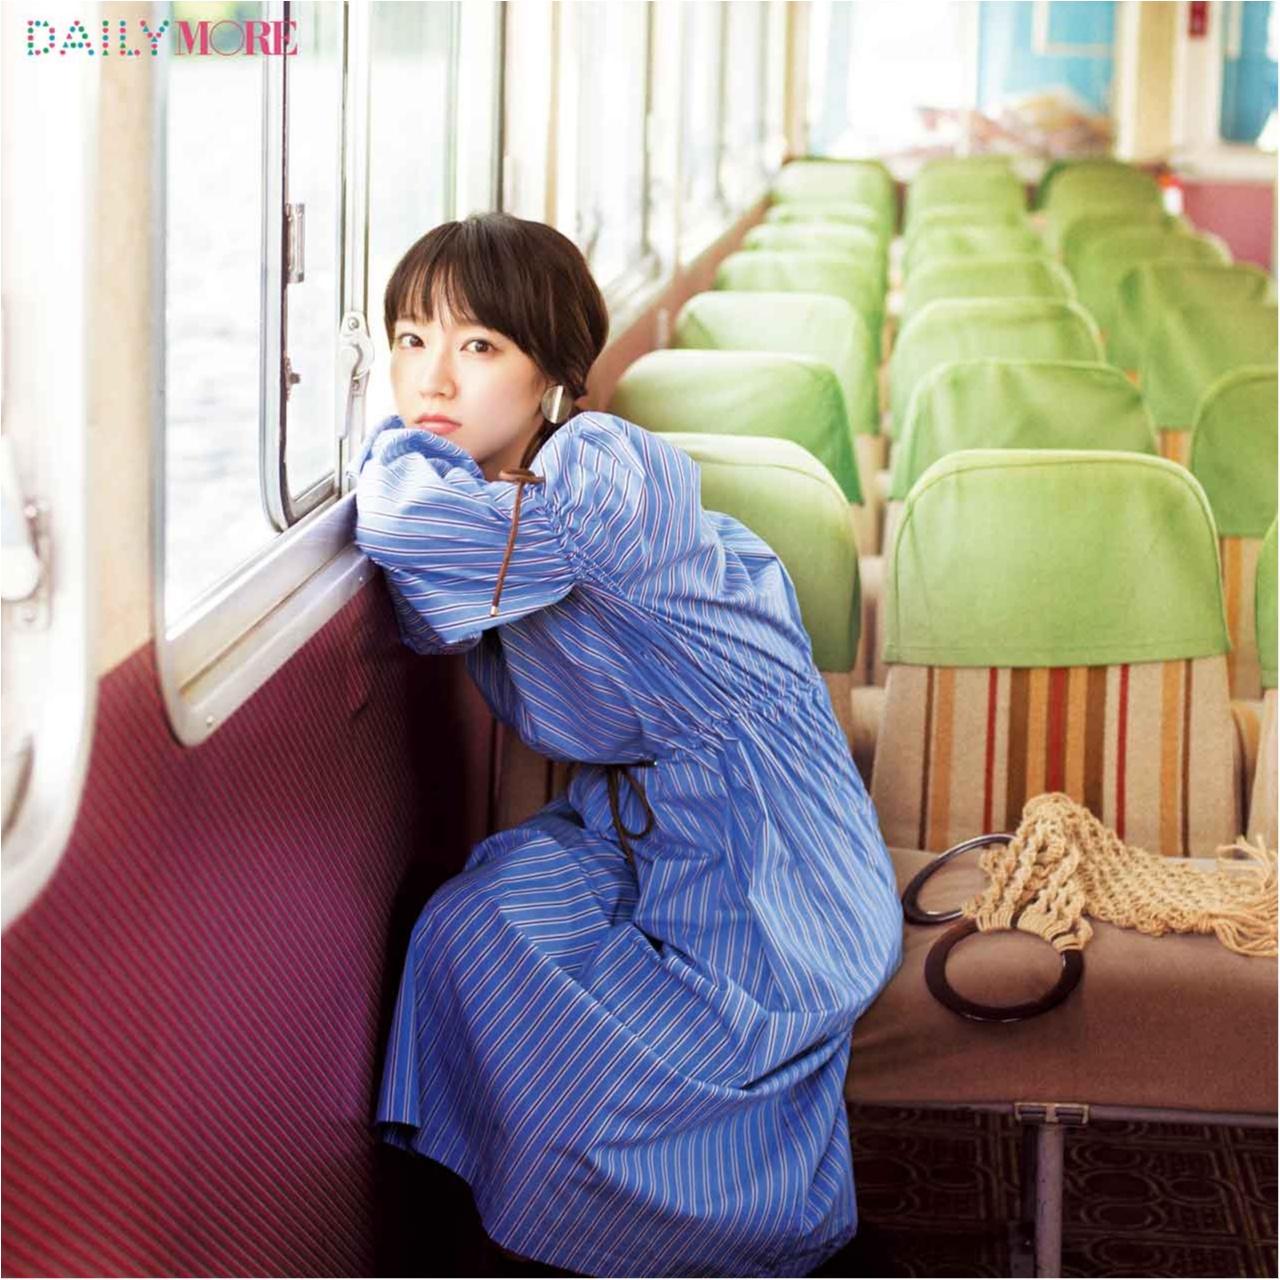 女優・吉岡里帆さんのお気に入りワンピースは、爽やかに女っぽいストライプ柄♪_1